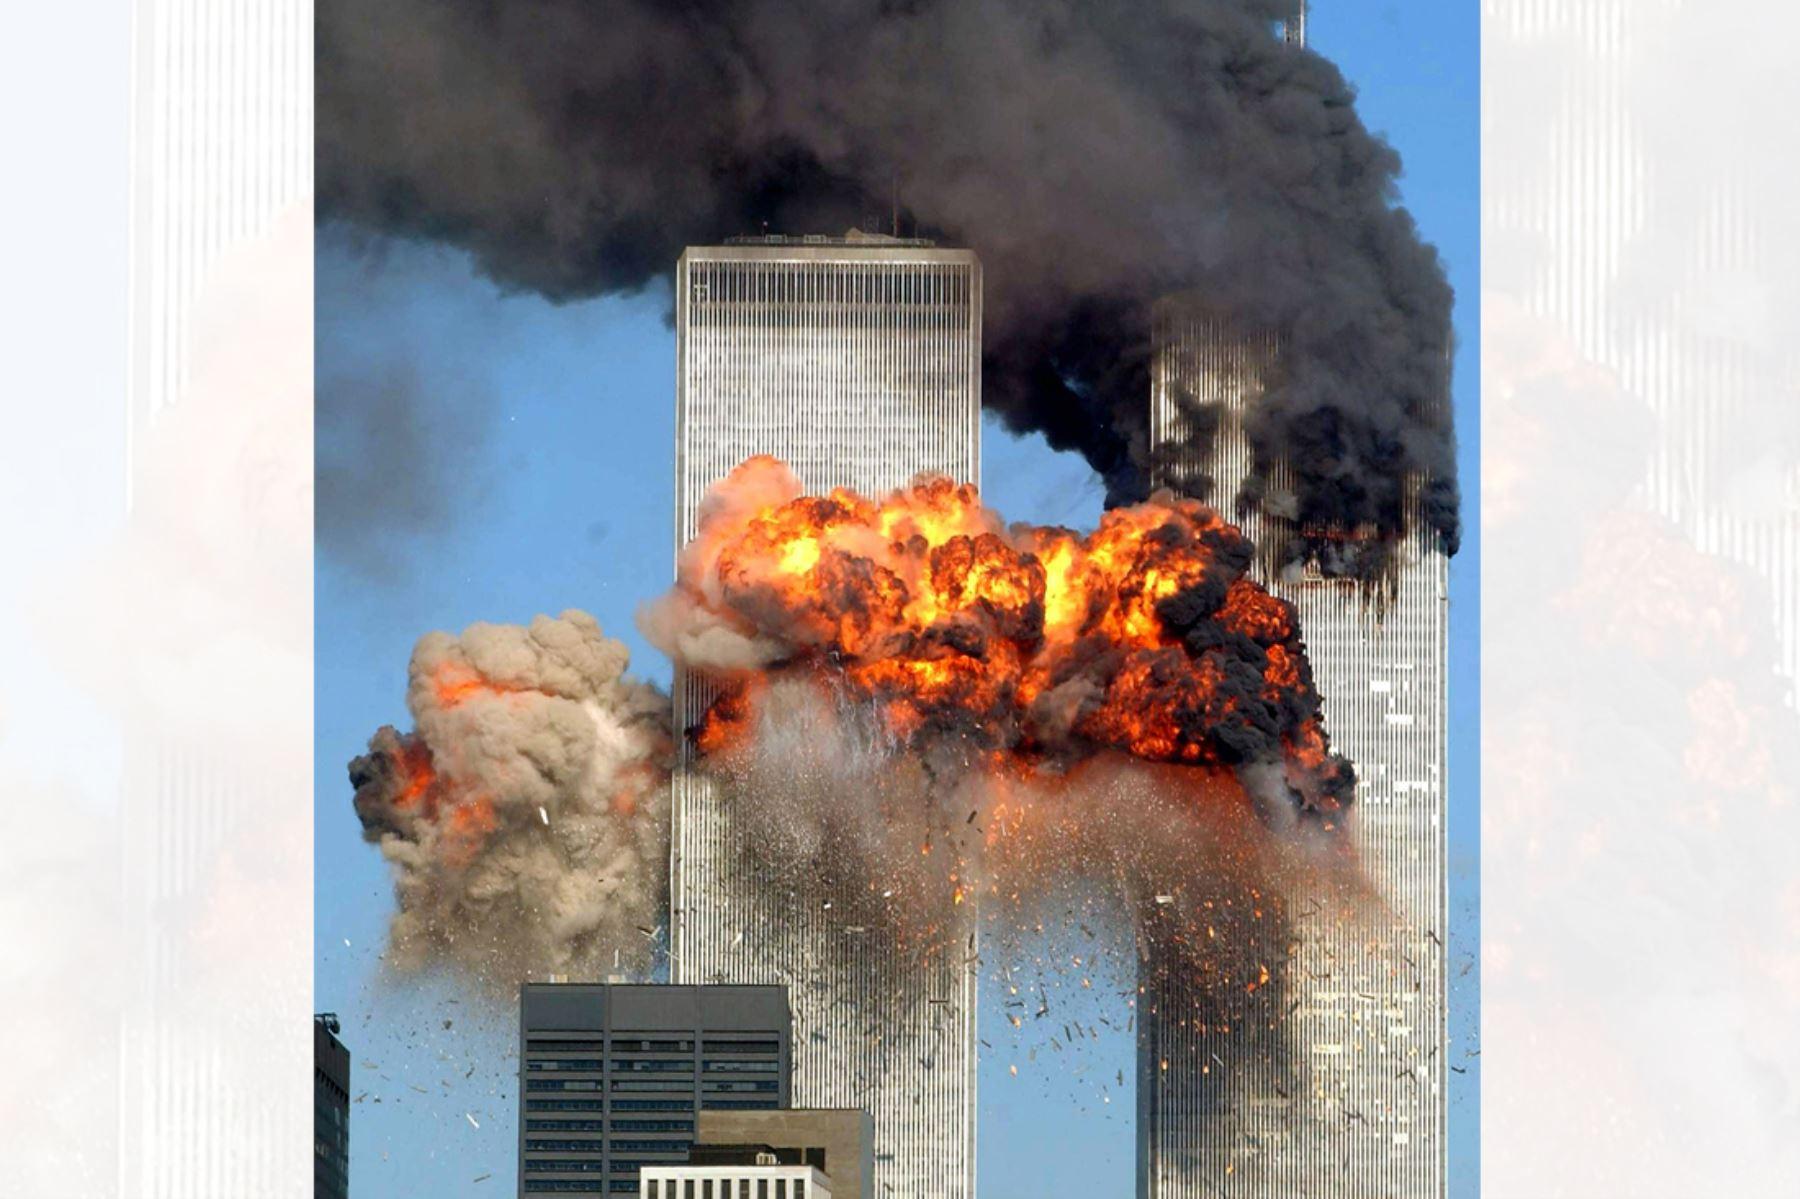 El vuelo 175 de United Airlines secuestrado de Boston se estrella en la torre sur del World Trade Center y explota a las 9:03 a.m. El posterior colapso de las torres gemelas causó la muerte de unas 2.800 personas. Nueva York,  11 de septiembre de 2001. Foto: AFP